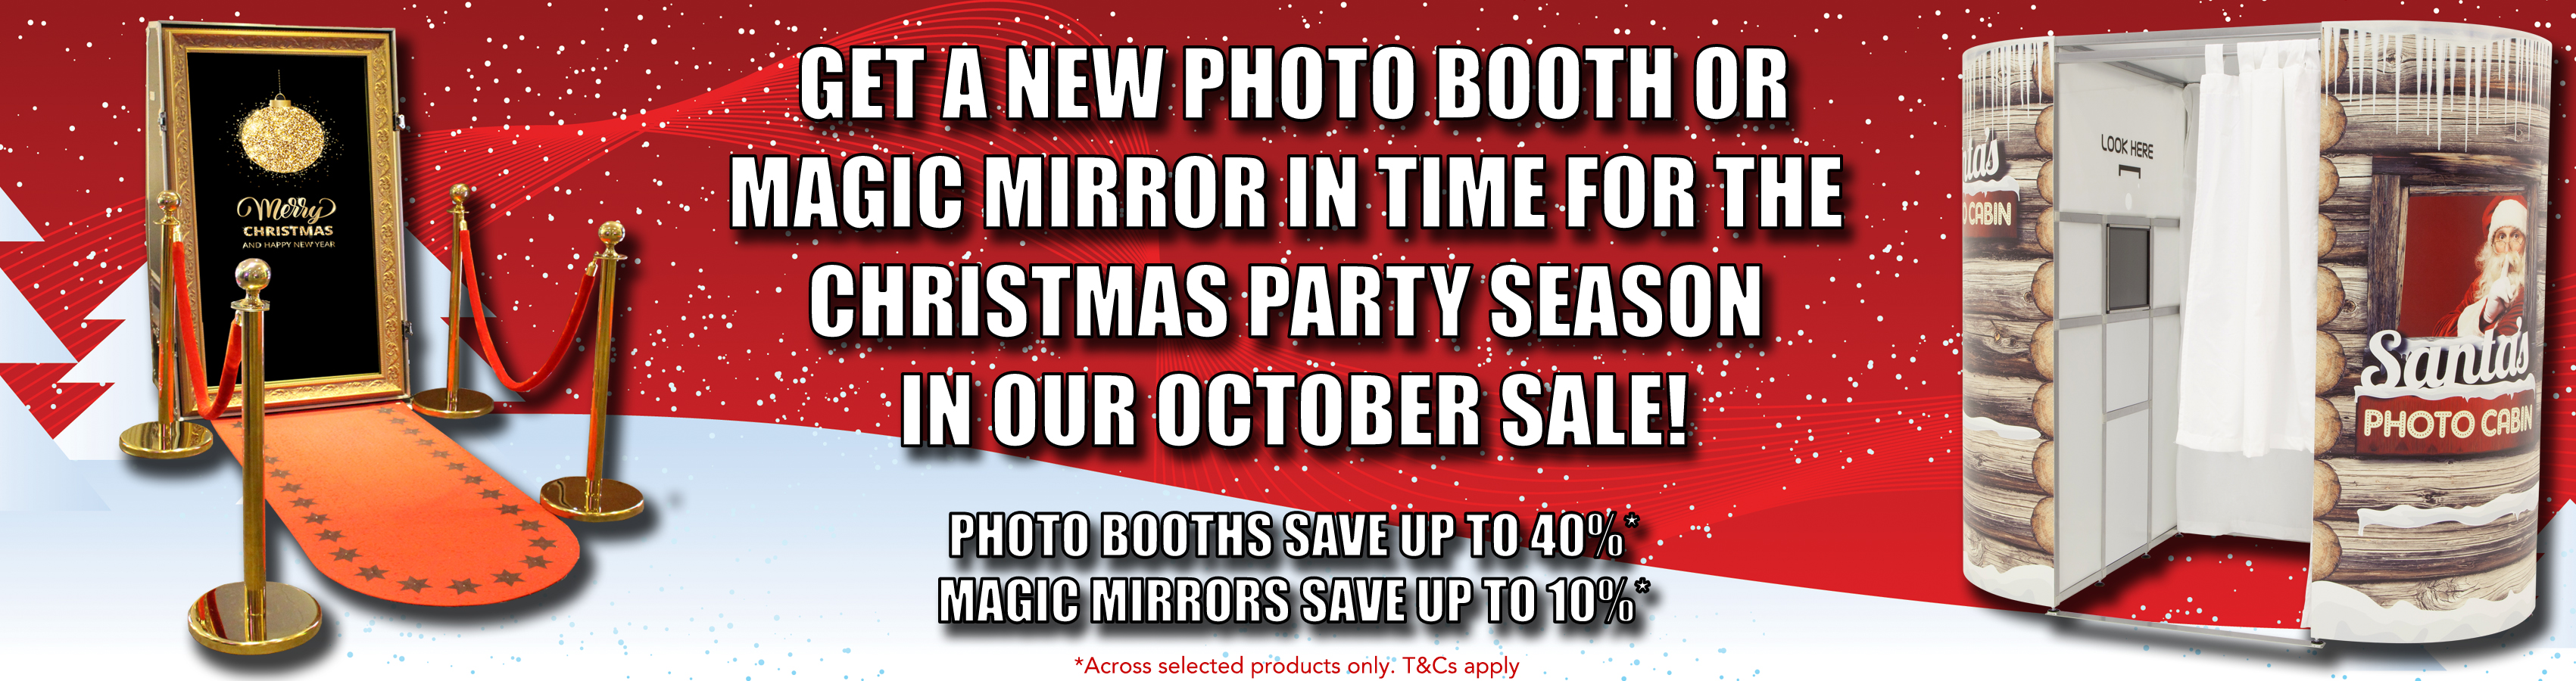 Christmas offer 2017